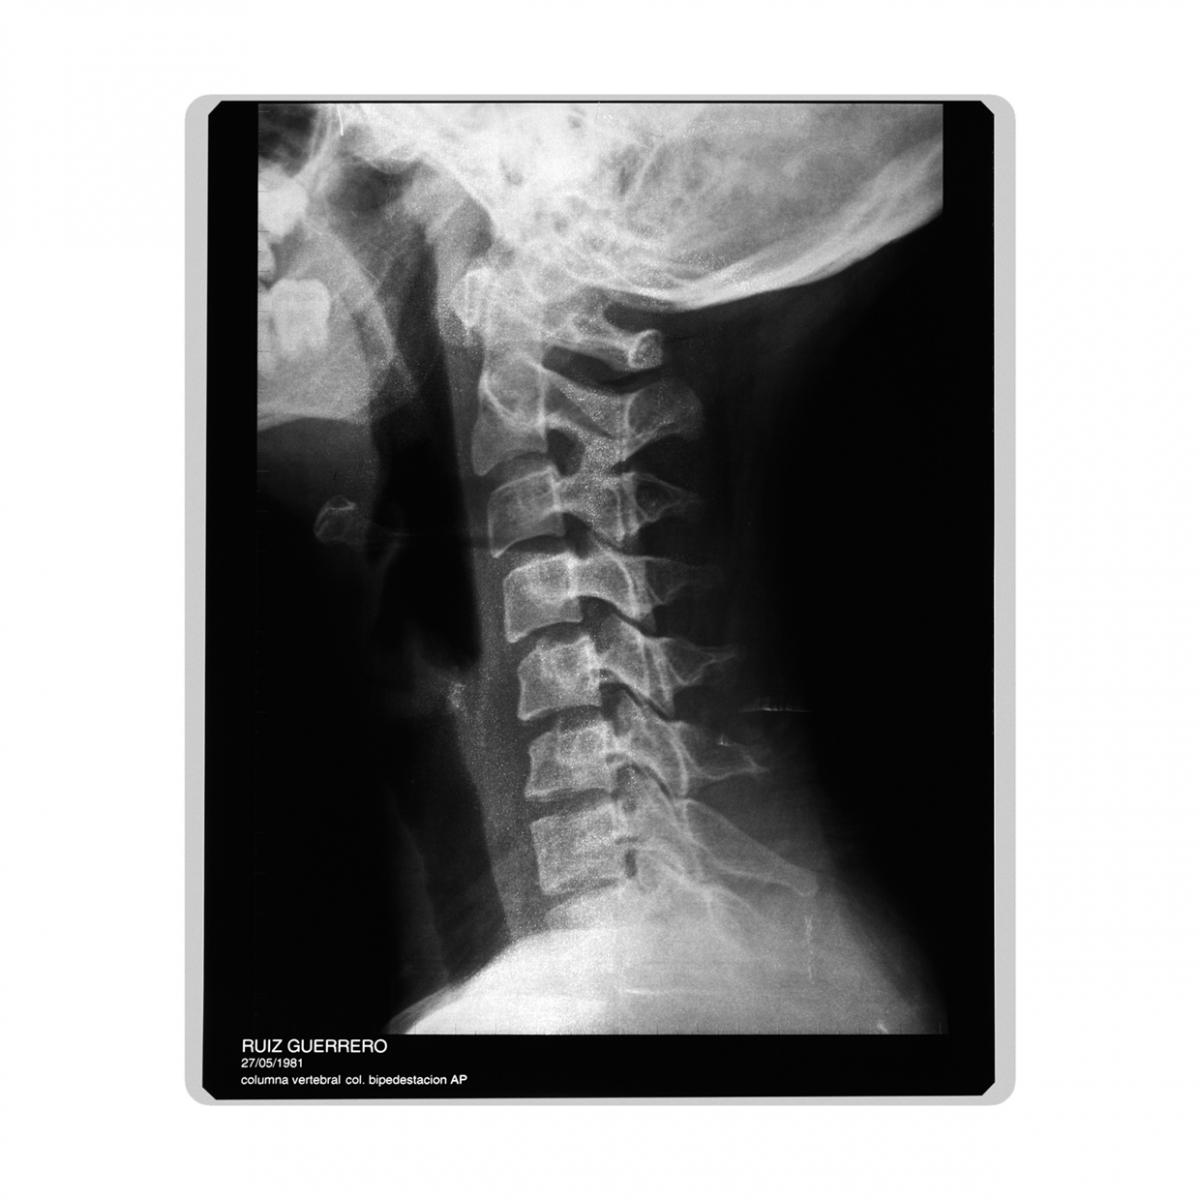 Imagen en la que se ve una radiografía